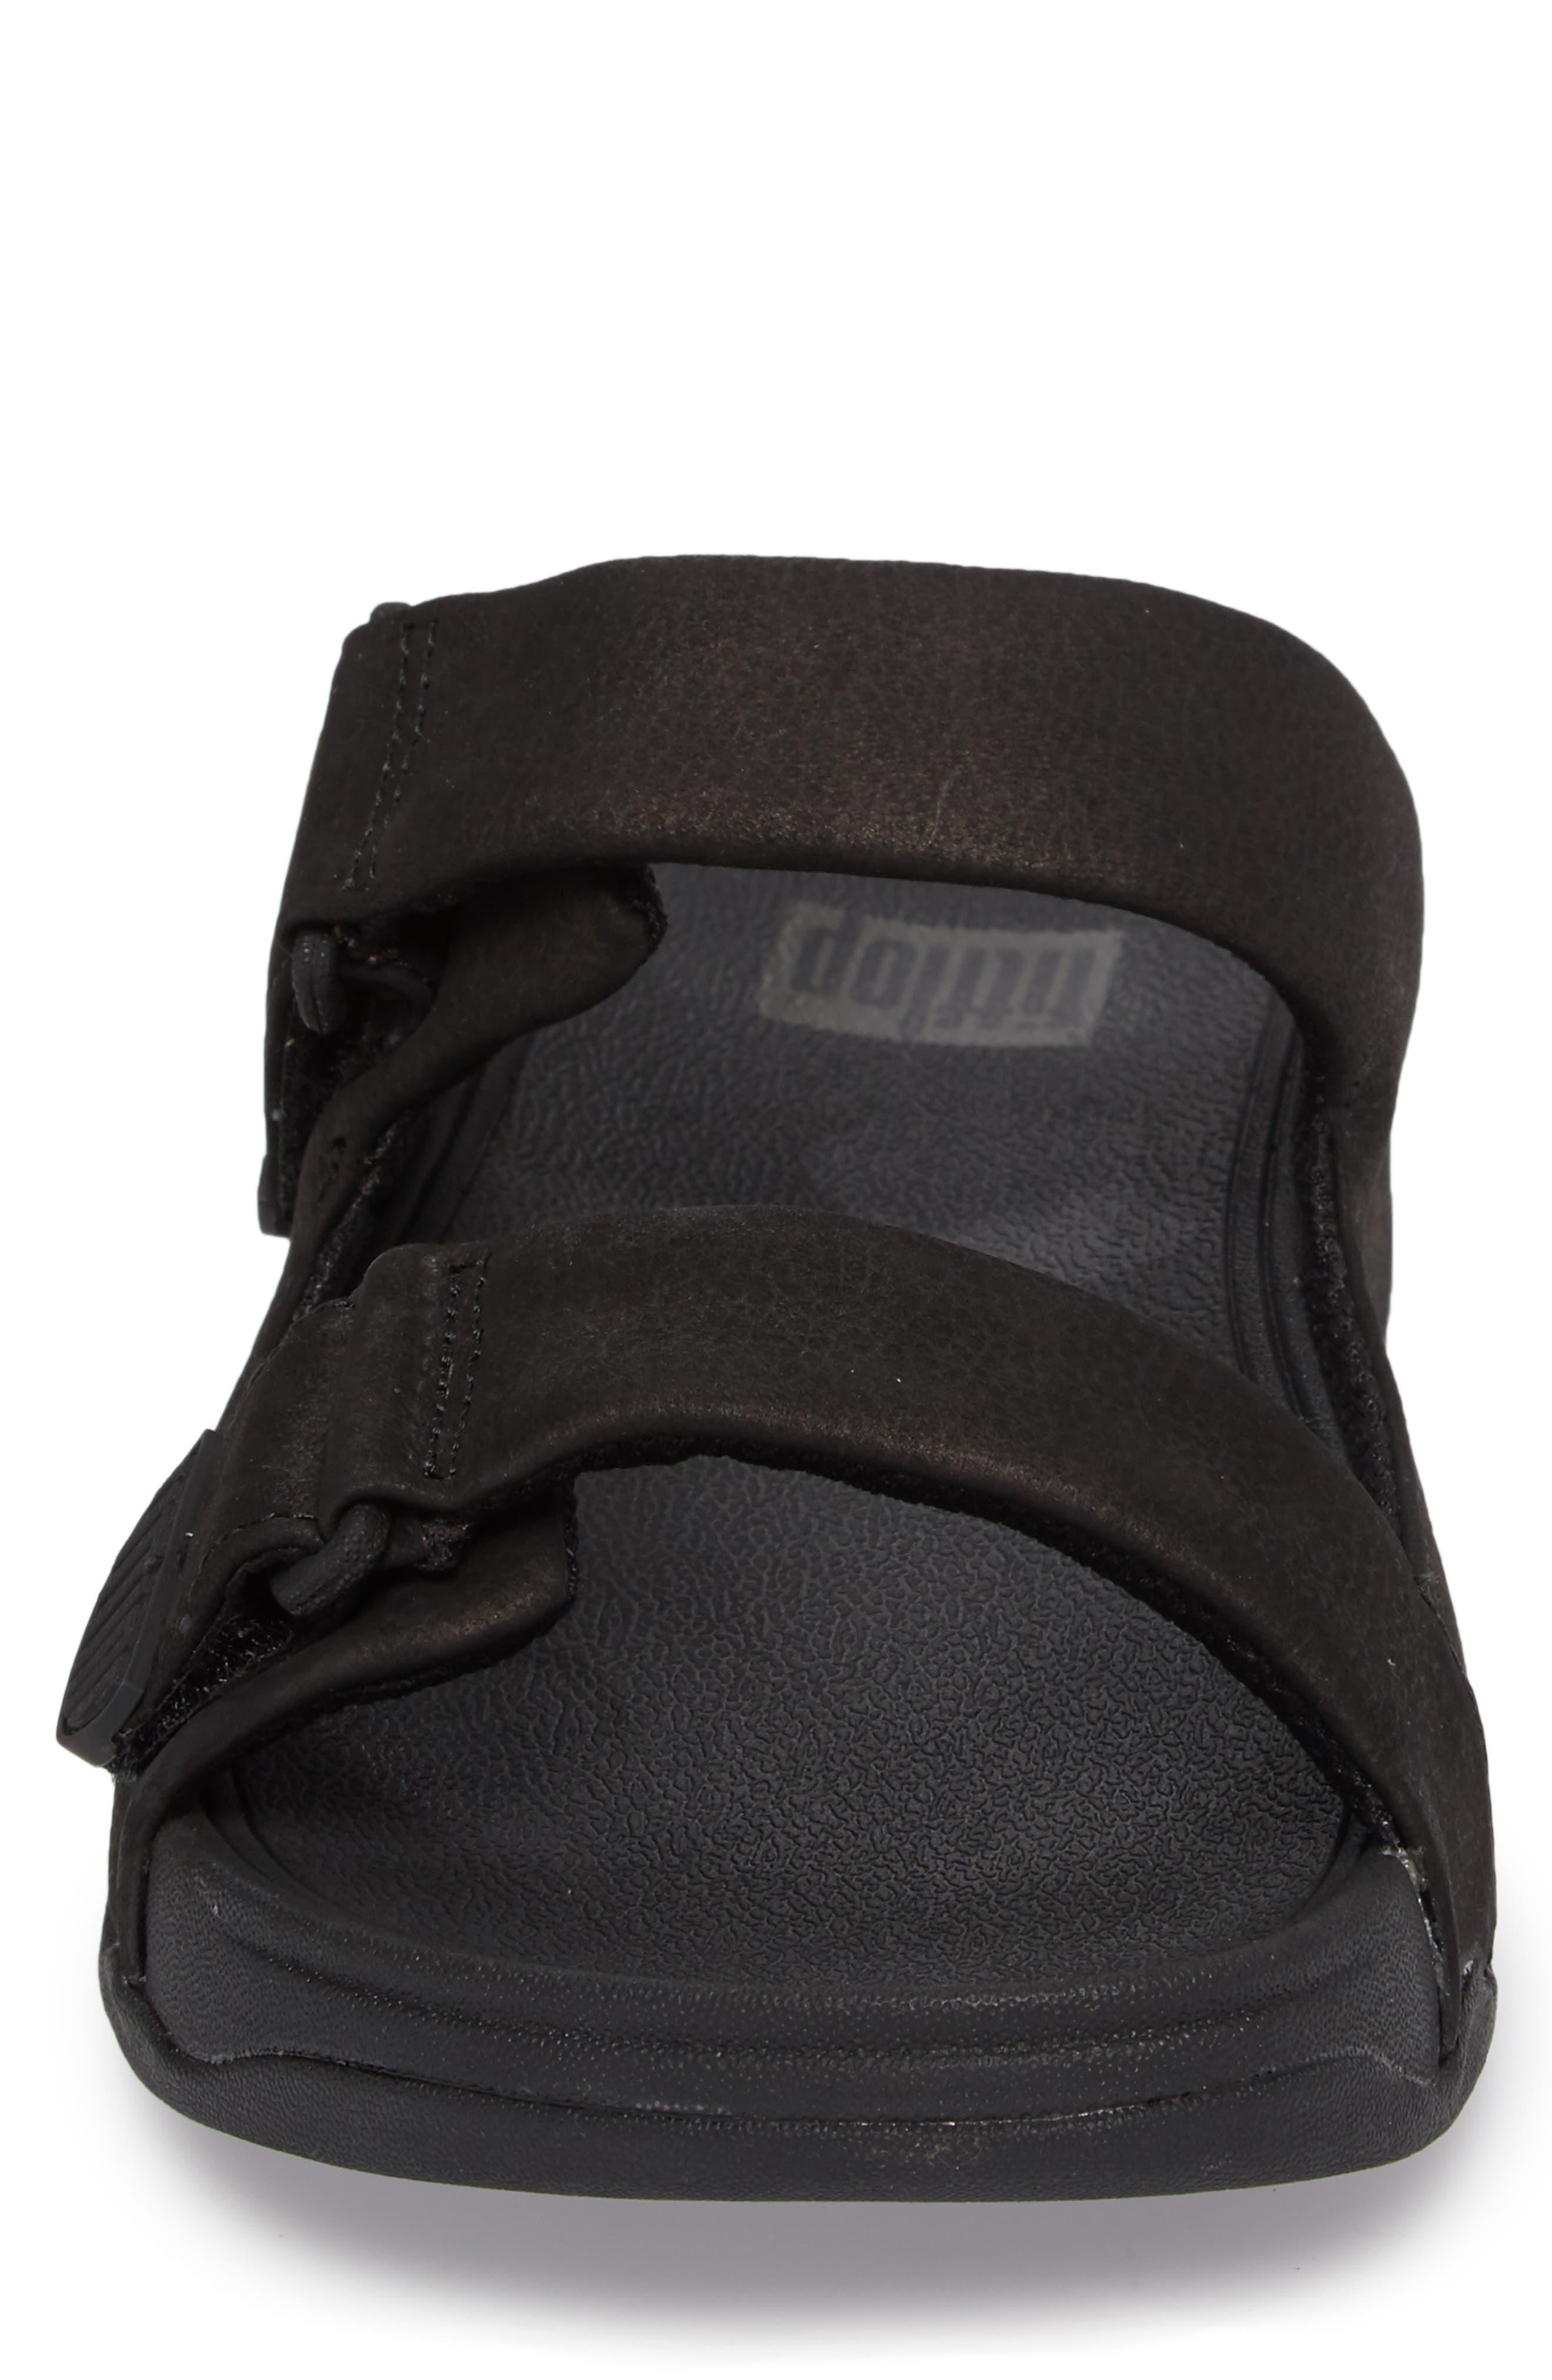 Gogh Sport Slide Sandal,                             Alternate thumbnail 4, color,                             BLACK